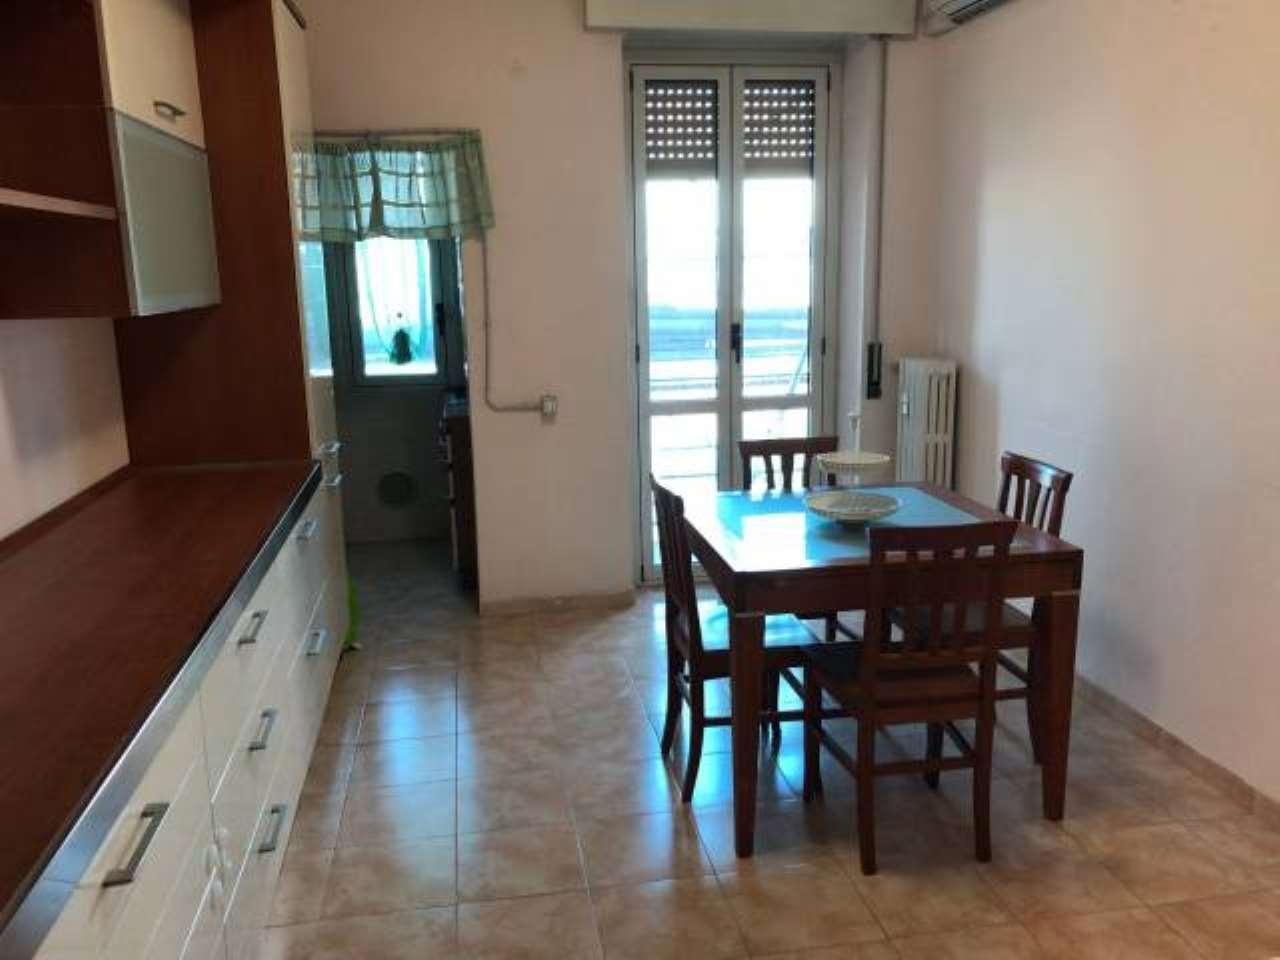 Agenzie Immobiliari Cologno Monzese appartamenti bilocali in vendita a cologno monzese